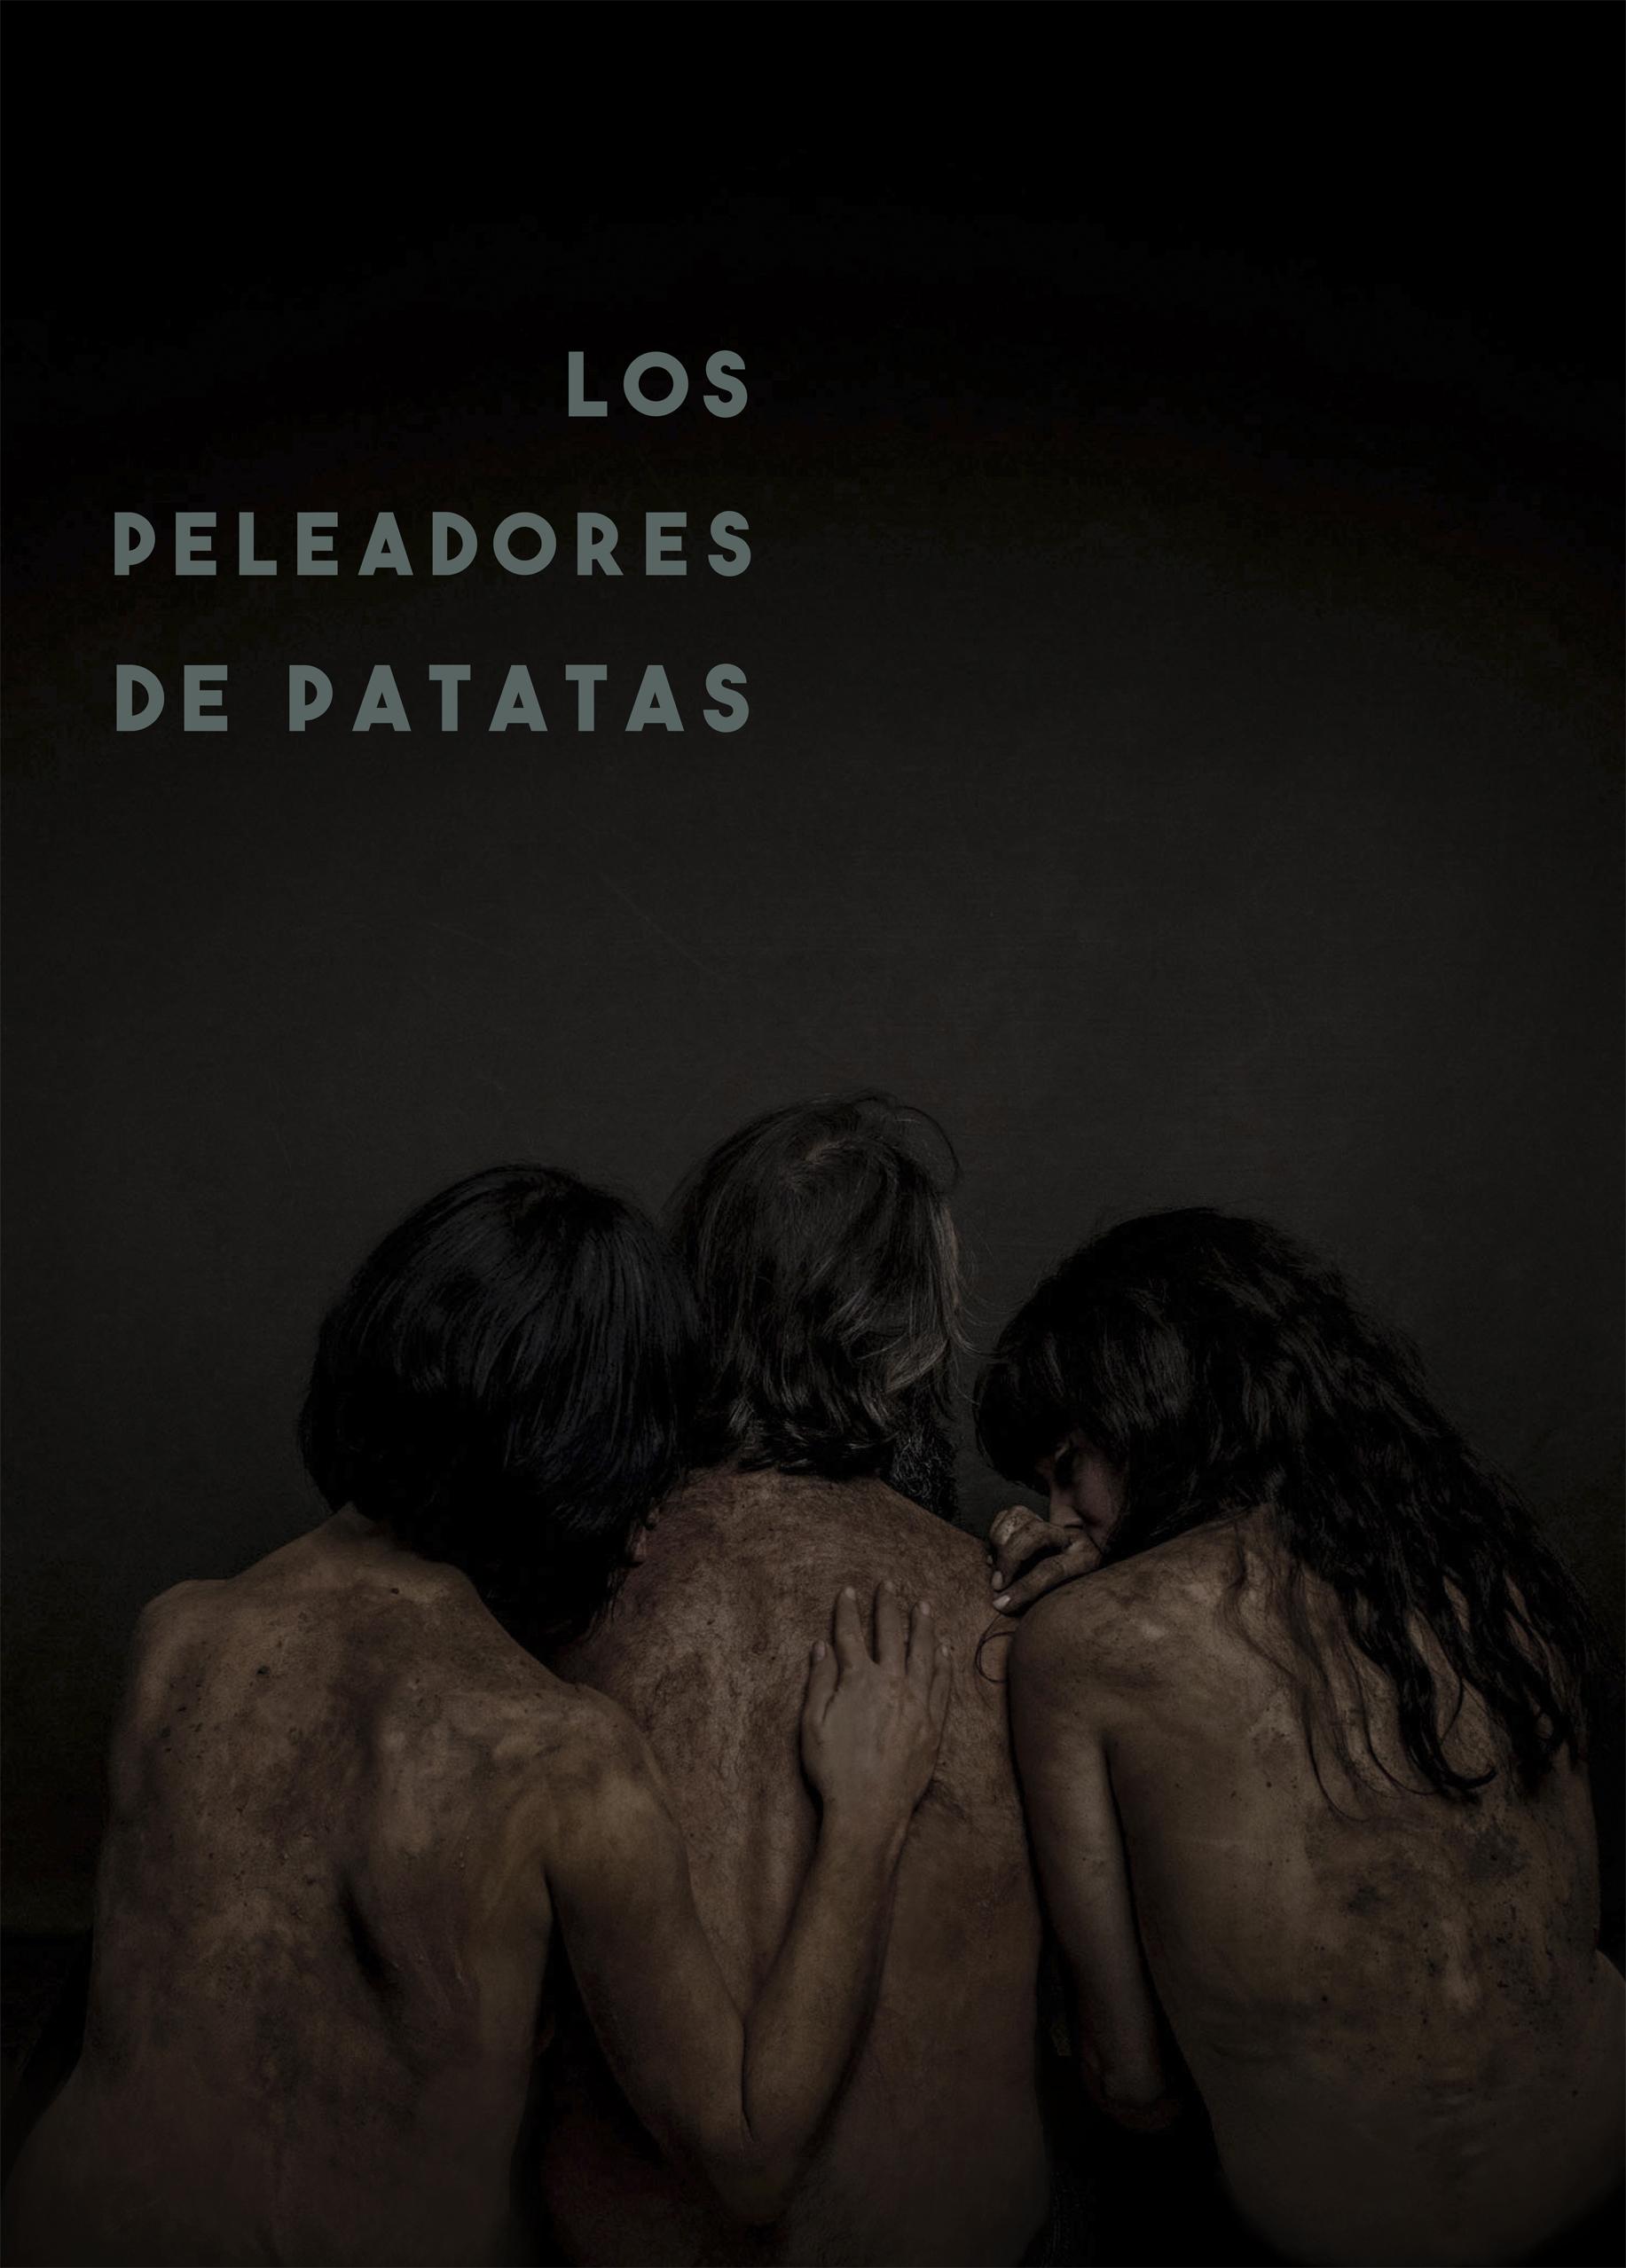 LOS PELEADORES DE PATATAS